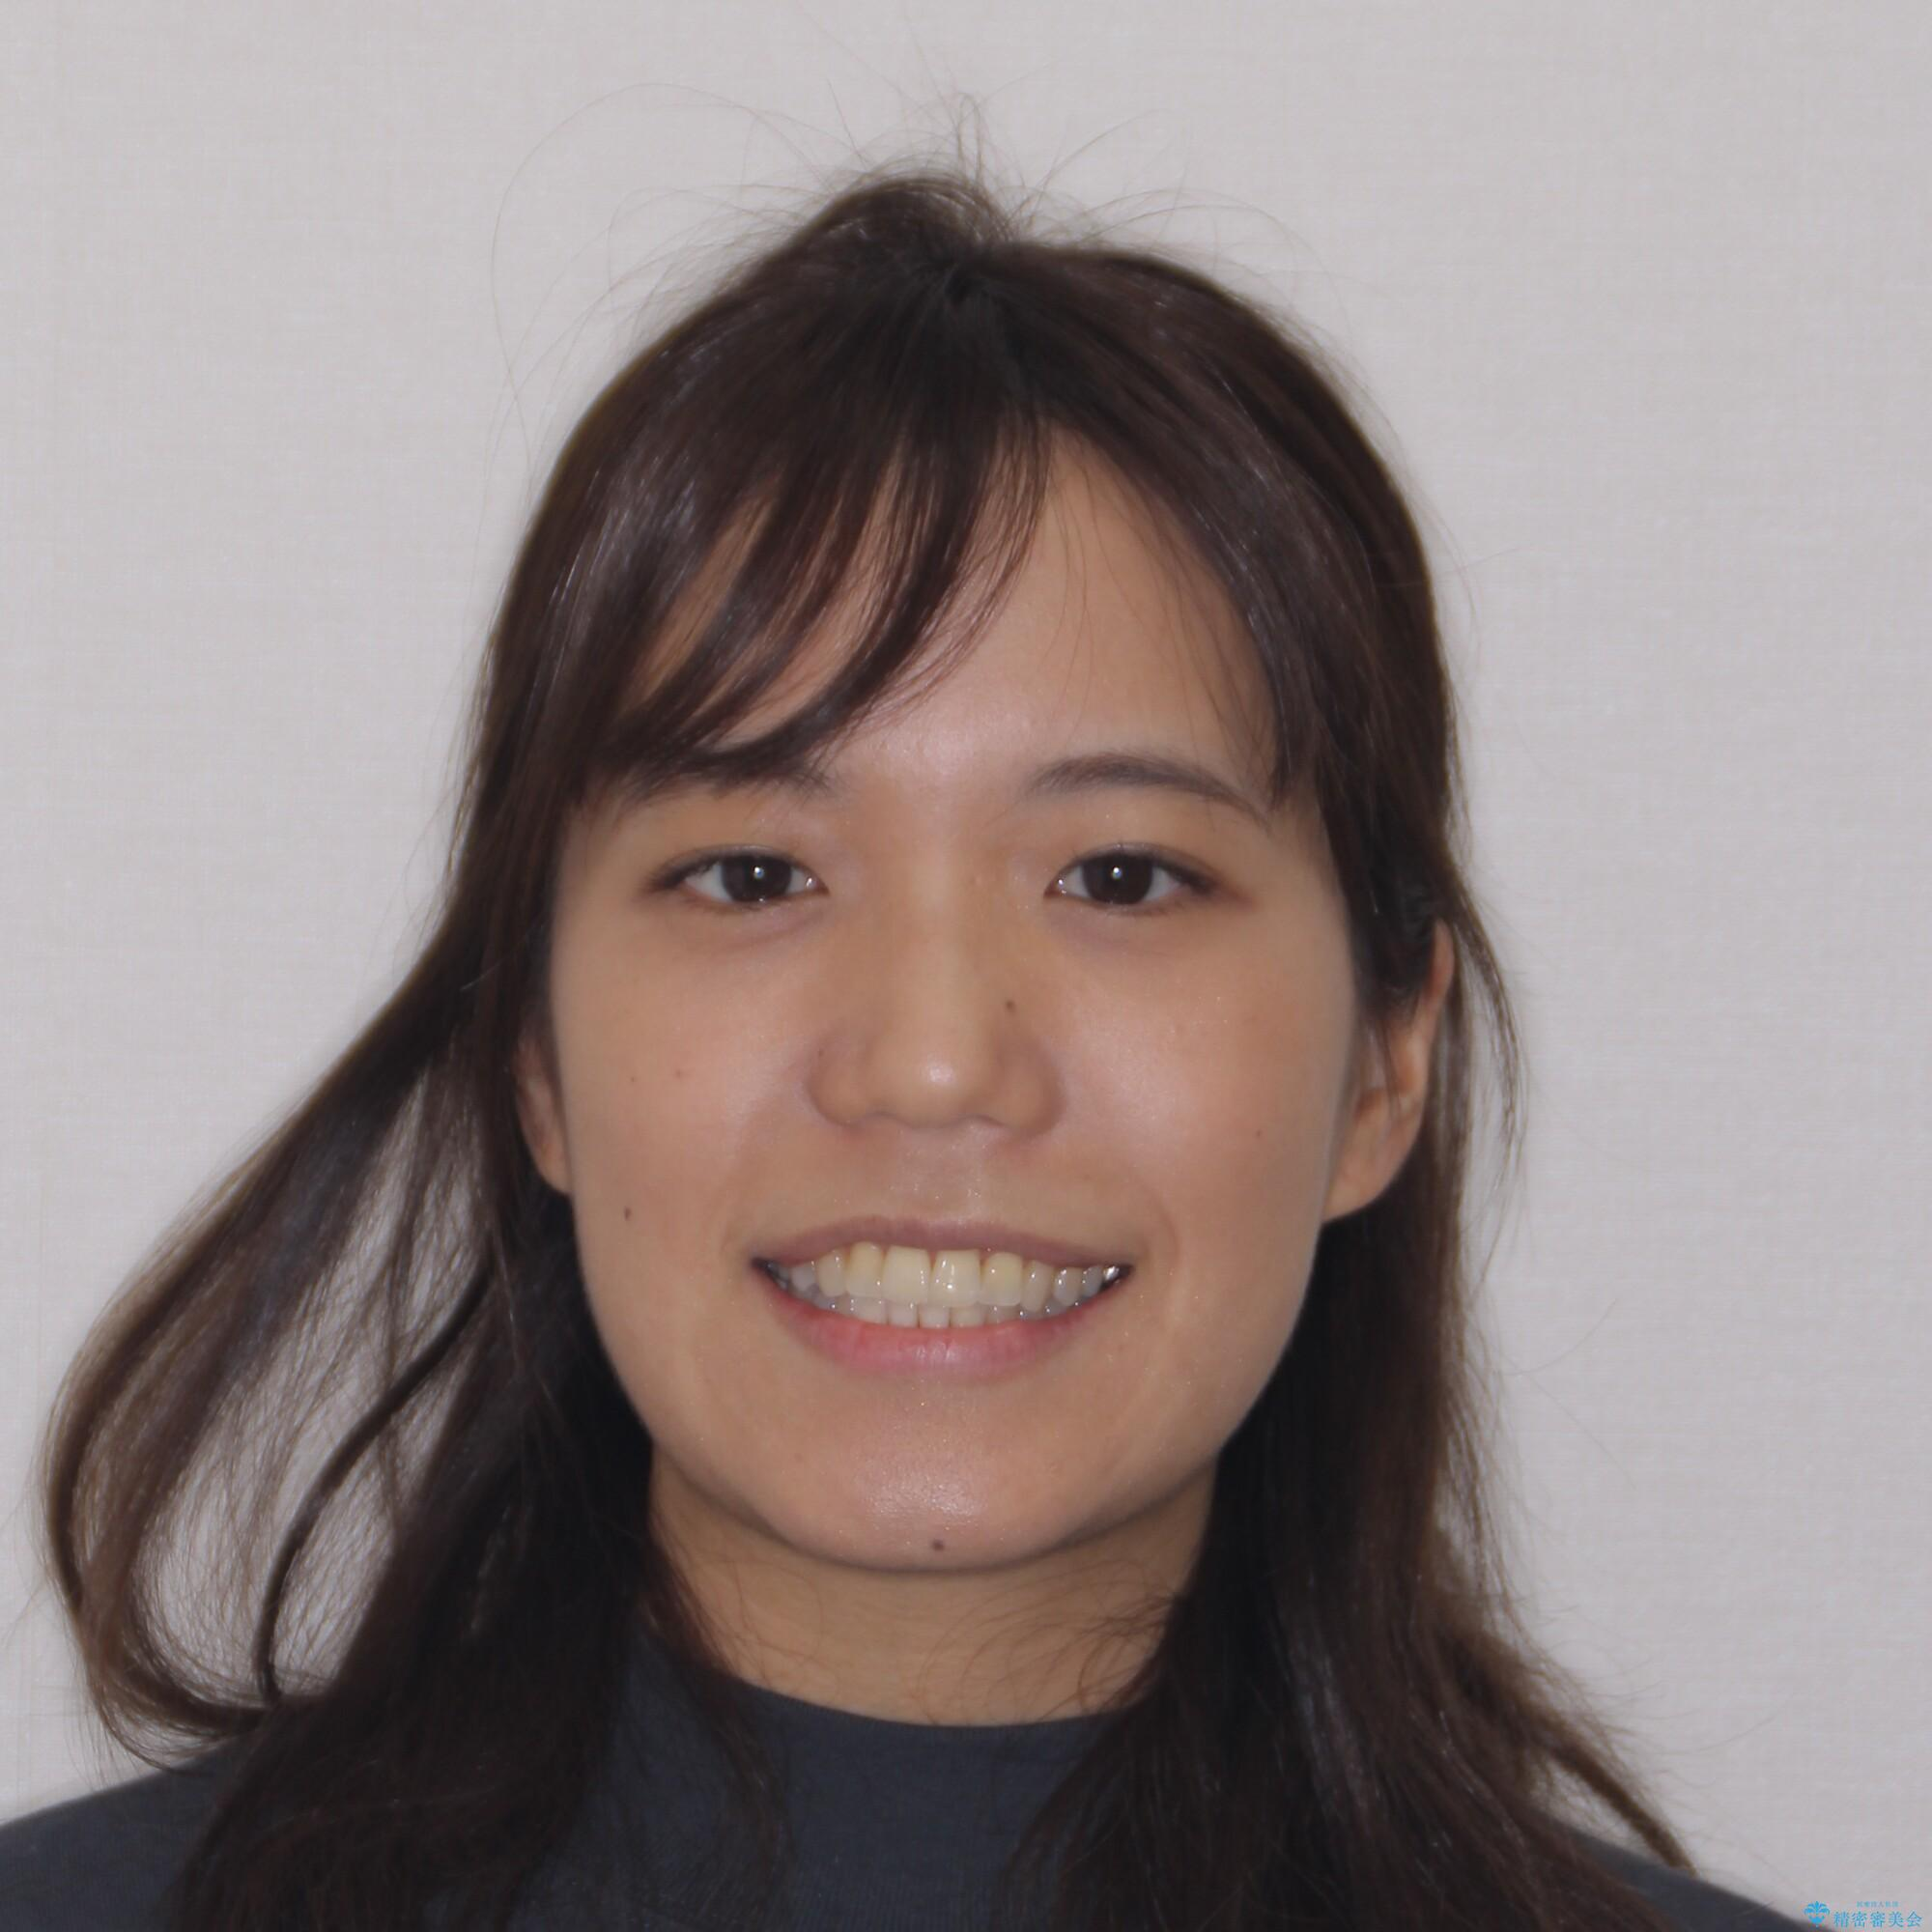 【モニター】幅の狭い上顎歯列 骨幅を拡大する矯正治療の治療後(顔貌)